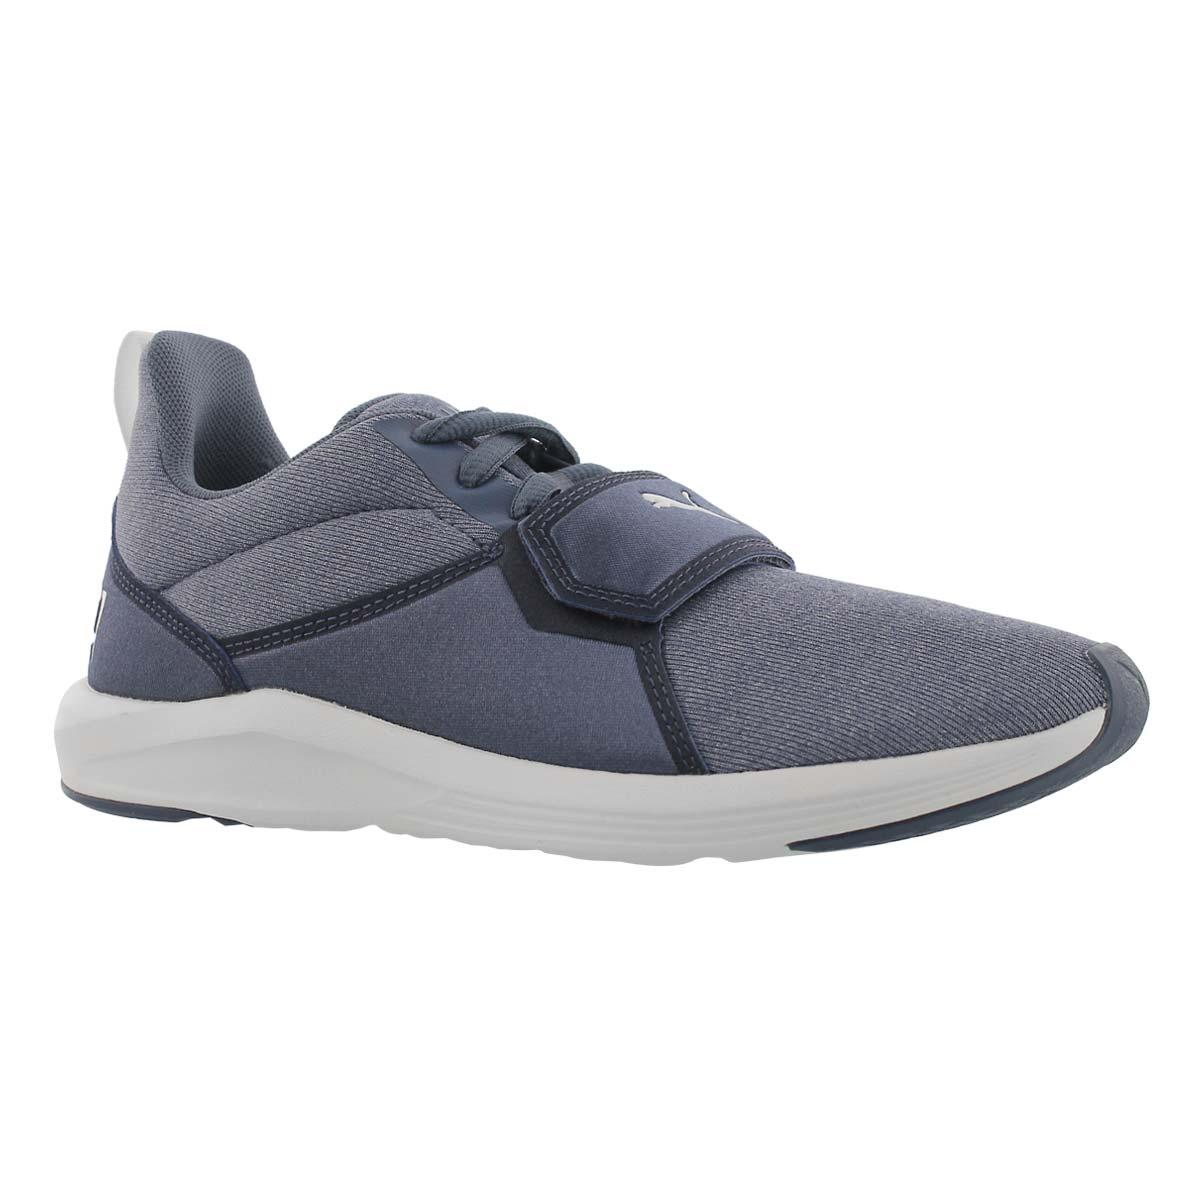 Women's PRODIGY blue indigo/white sneakers